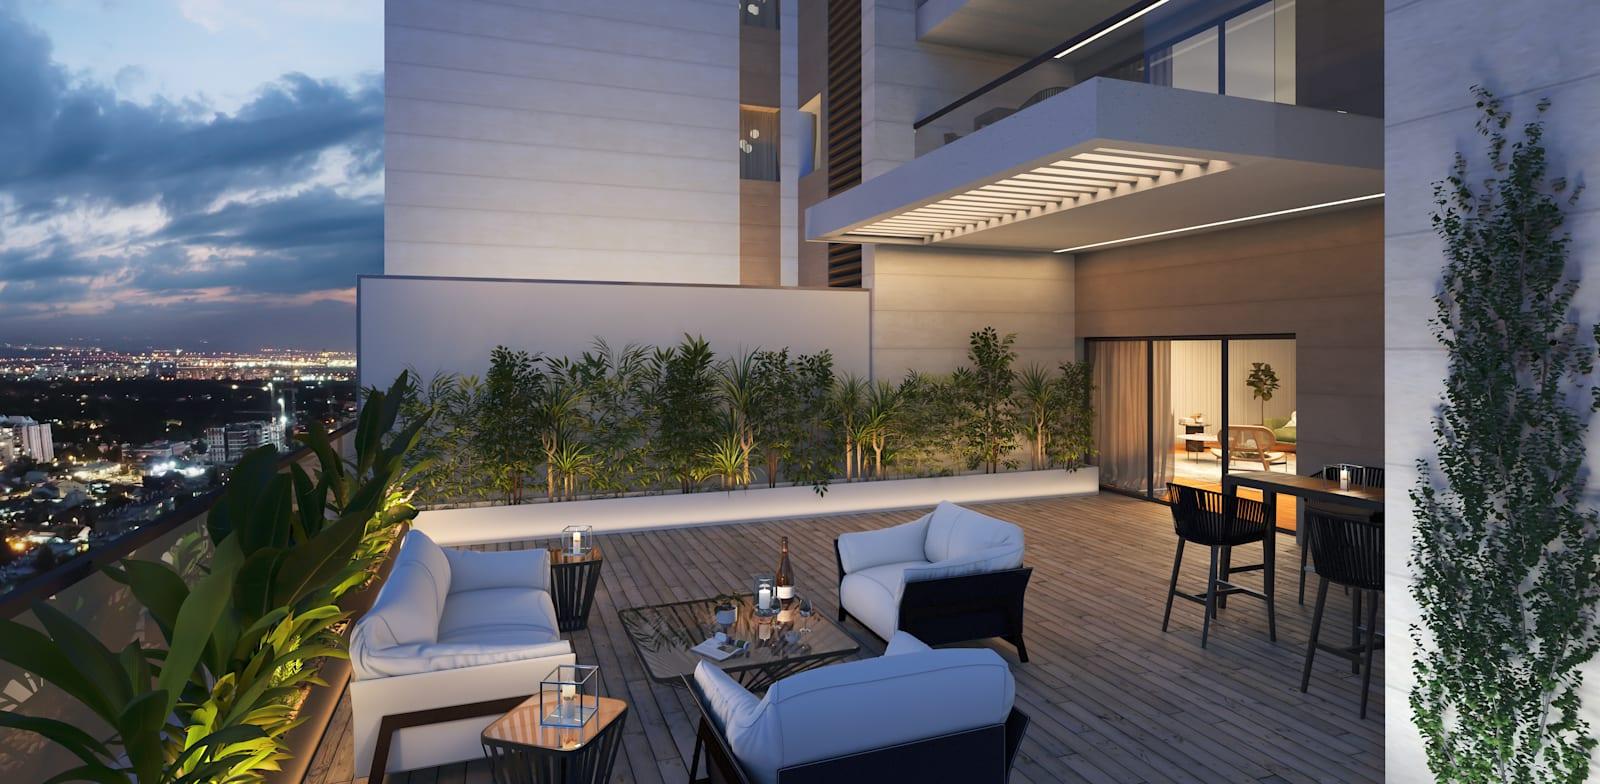 בגלל הקורונה הרוכשים מעוניינים במרפסות מרווחות / הדמיה: ViewPoint